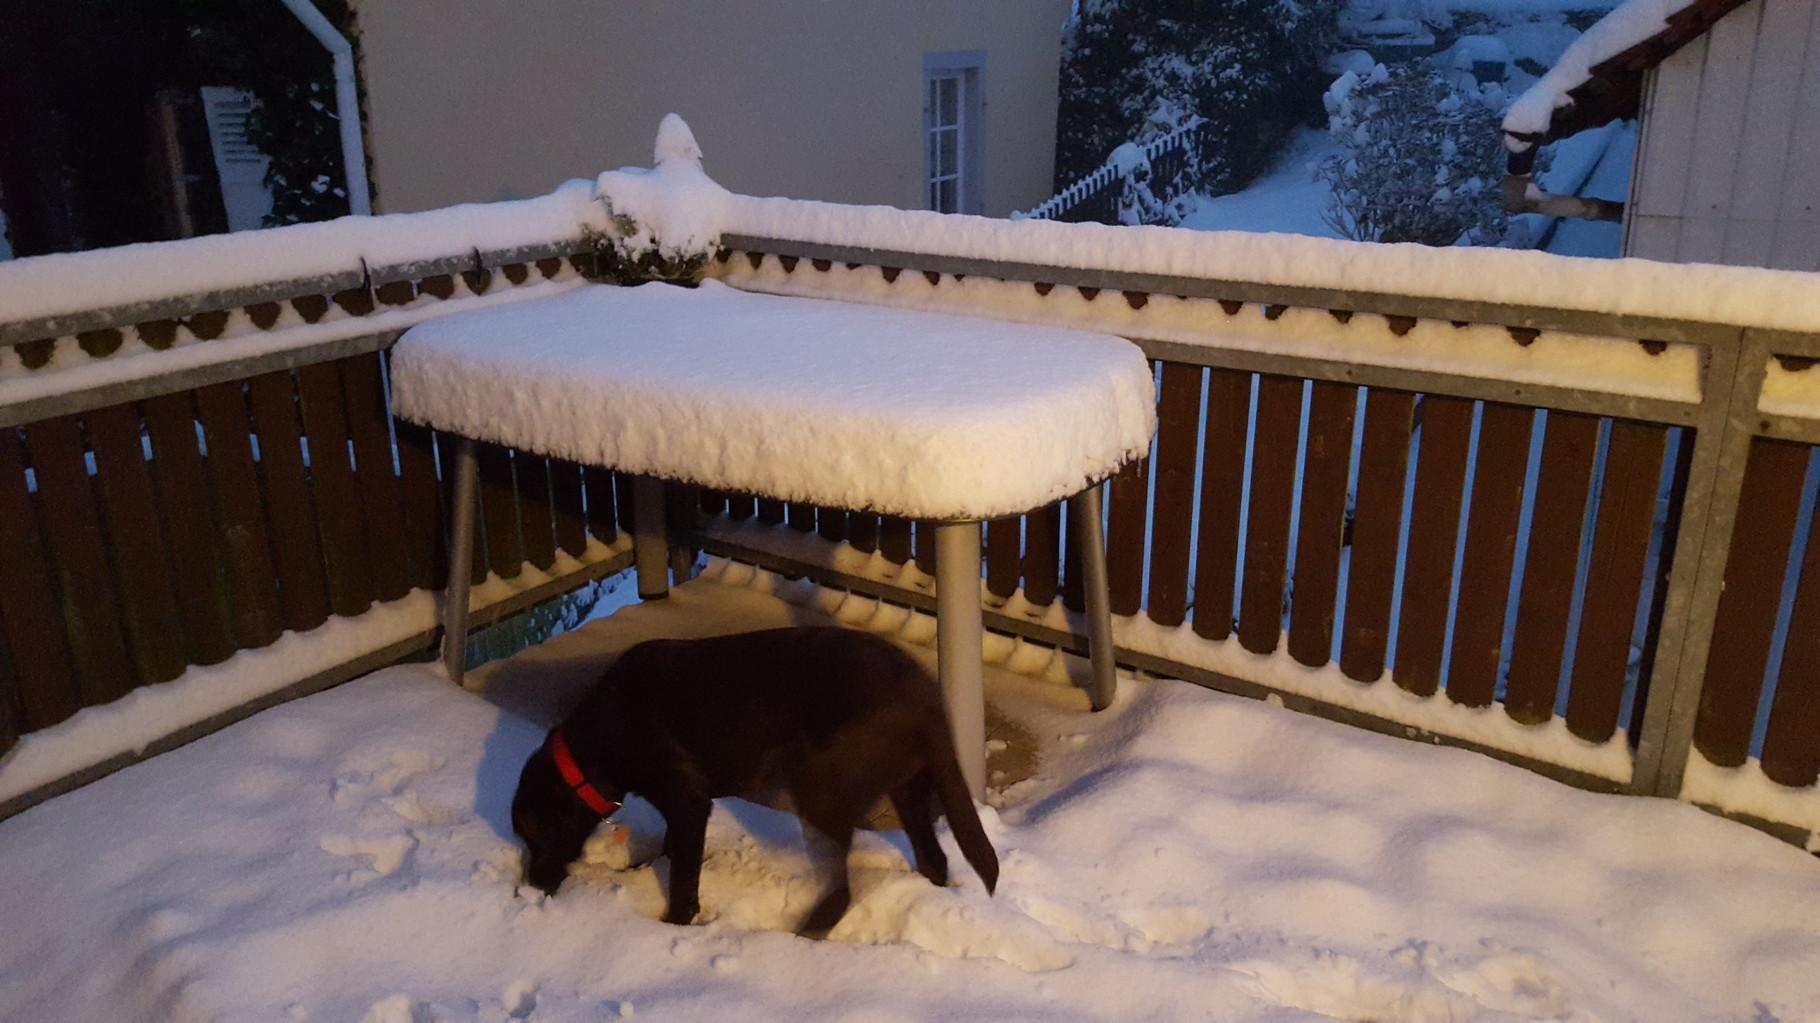 Nö Mama, ich will jetzt noch nicht rein kommen. Es ist doch so herrlich hier draußen.